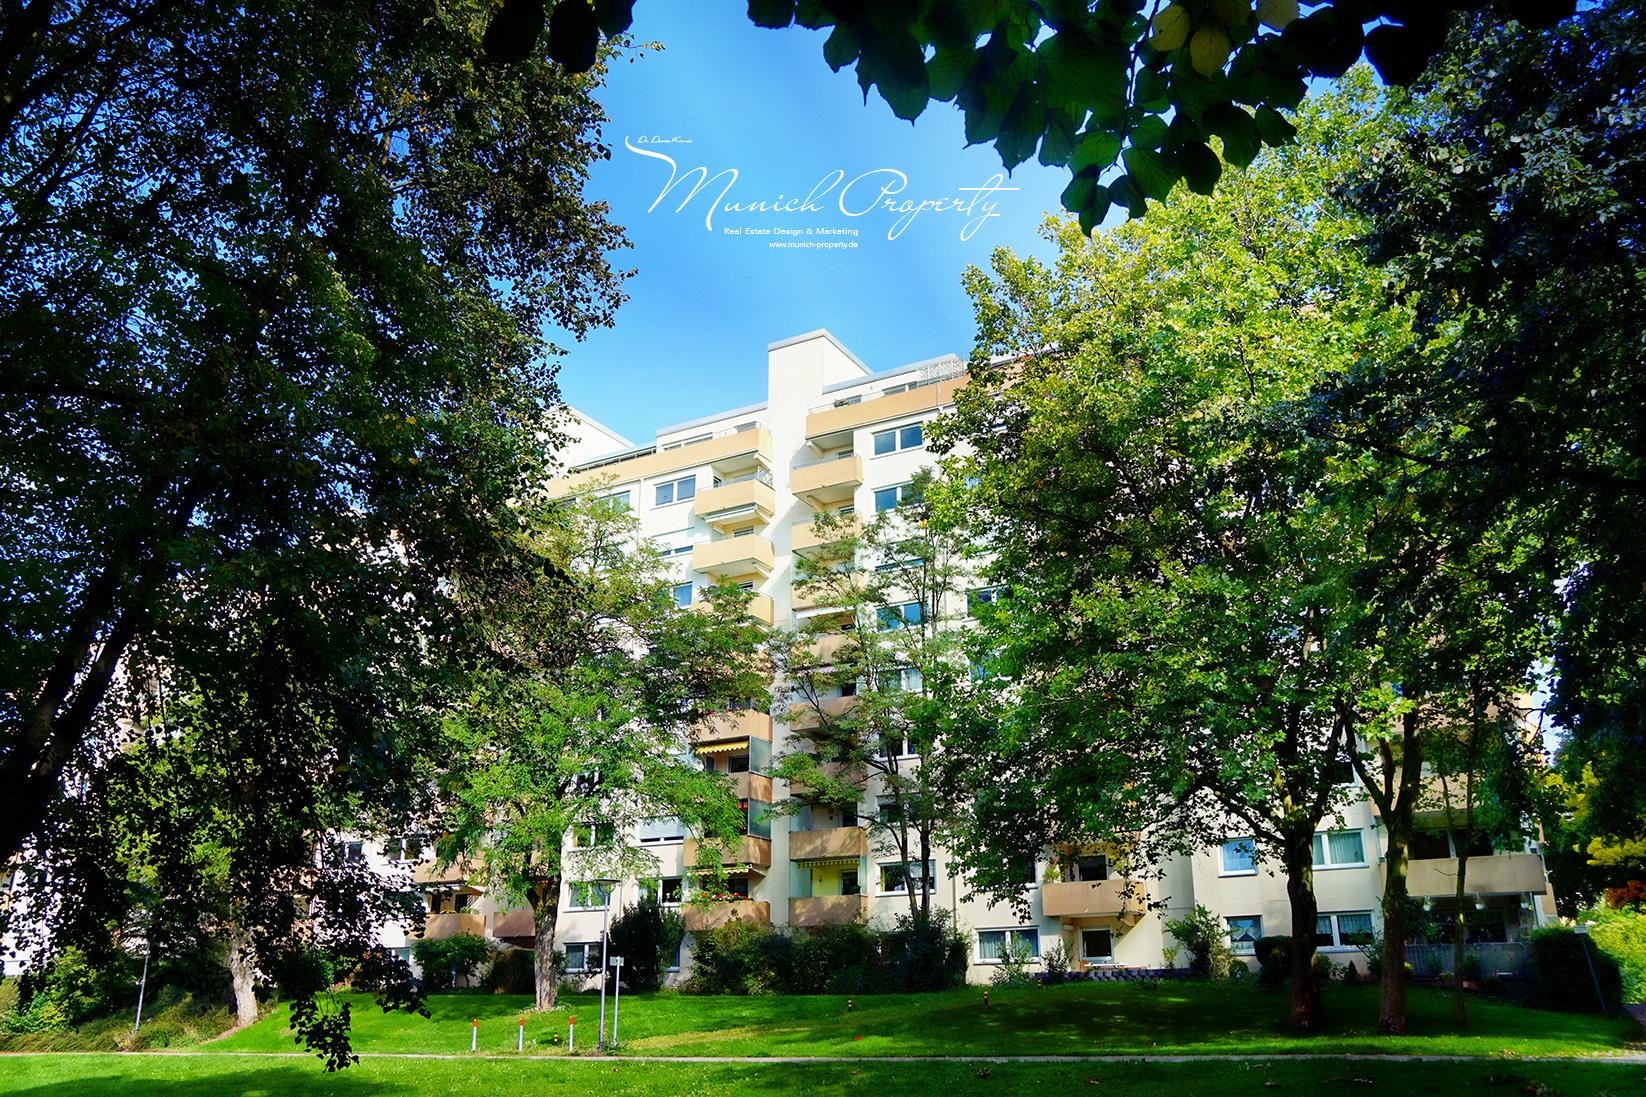 Zu Verkaufen: Attraktive Penthouse Wohnung mit 2 Dachterrassen, Alpenblick & Swimmingpool in München West Pasing-Neuaubing: Gepflegte Wohnanlage